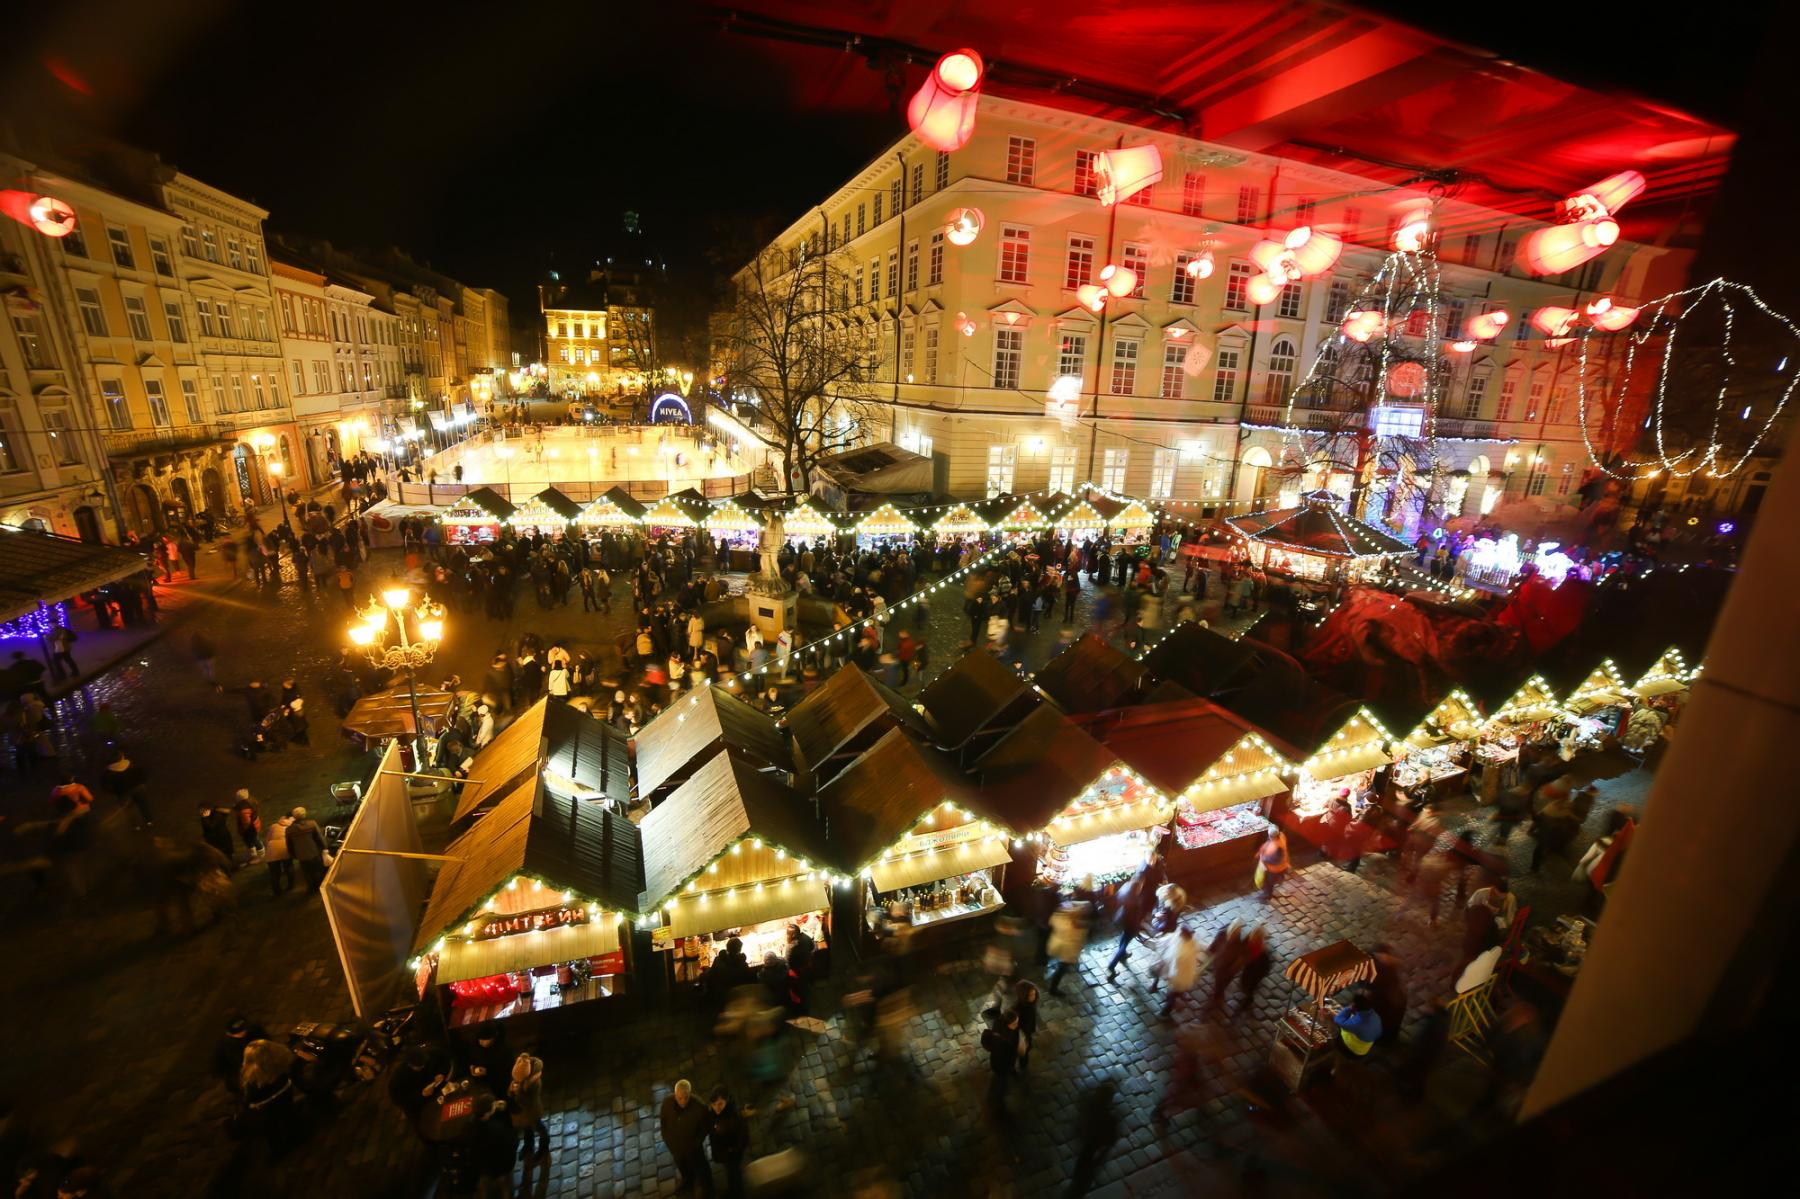 15730562235dc2eedfdeb85 - Новогодние приключения в городе Львов +замки Львовщины